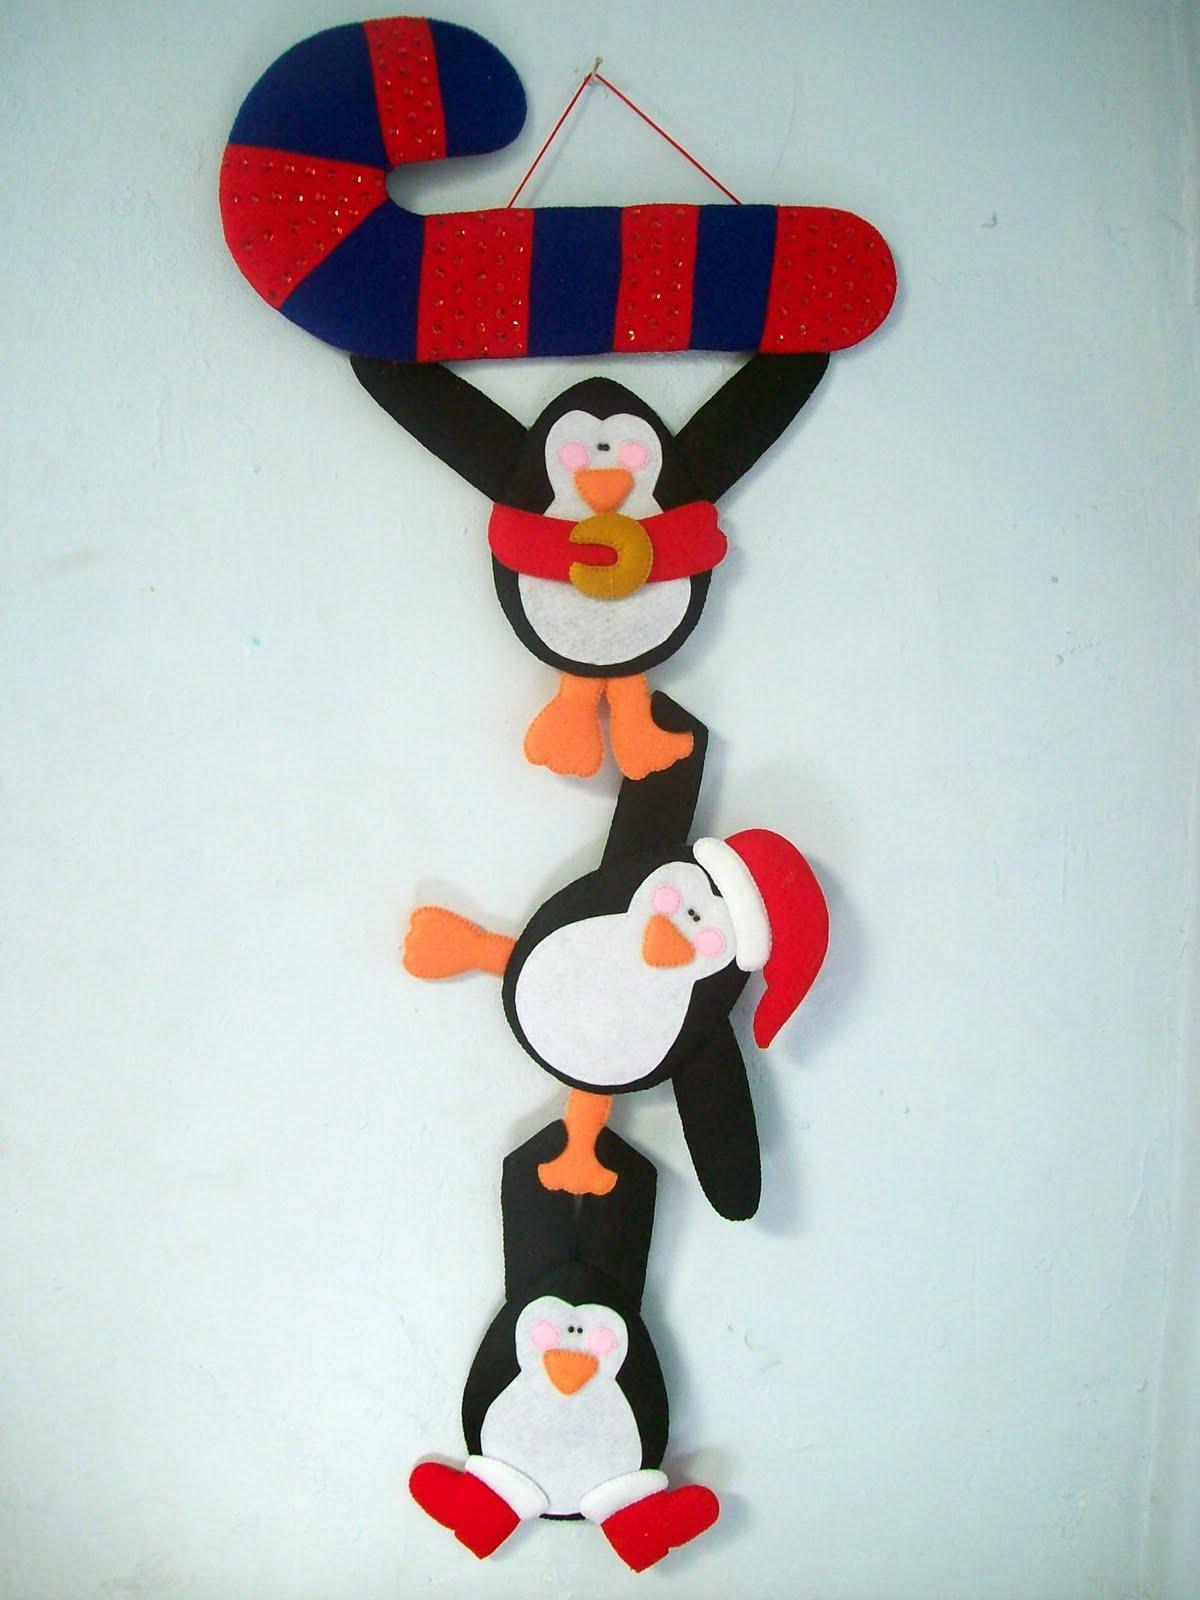 Shexeldetallitos blog de manualidades pinguinos colgados - Adorno de navidad manualidades ...